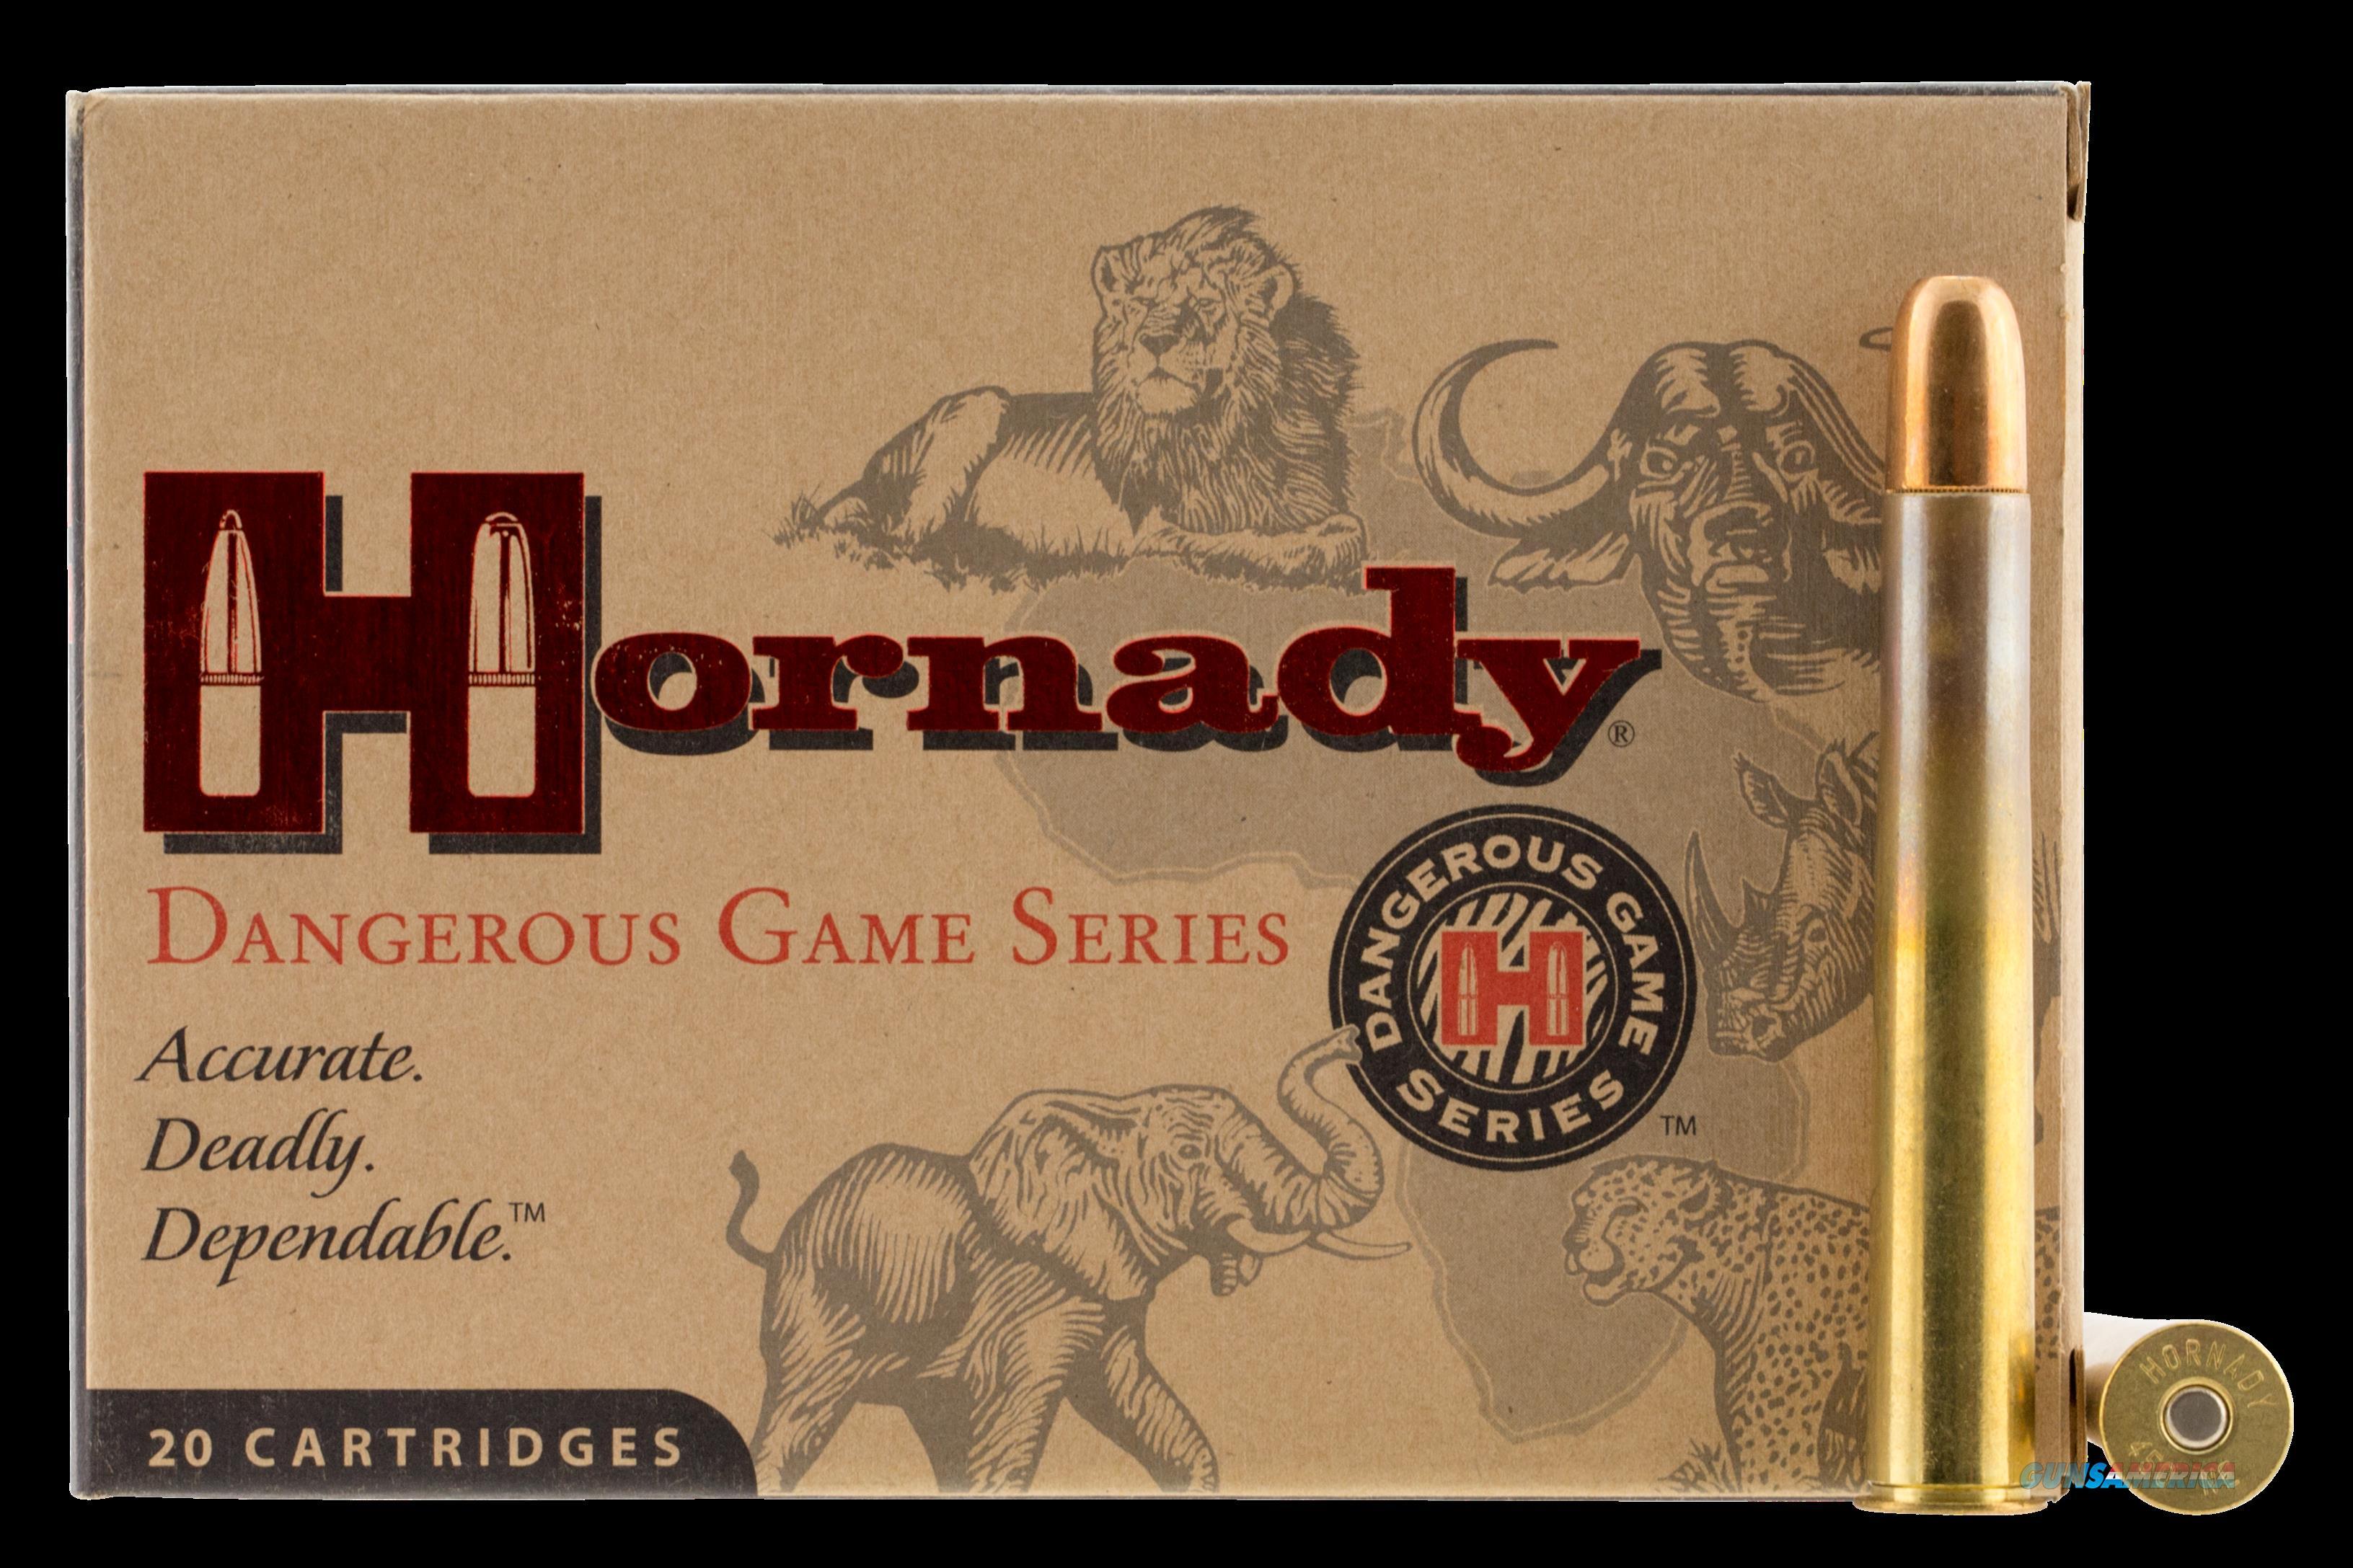 Hornady Dangerous Game, Horn 8264  470ntro 500 Dgs        20-6  Guns > Pistols > 1911 Pistol Copies (non-Colt)